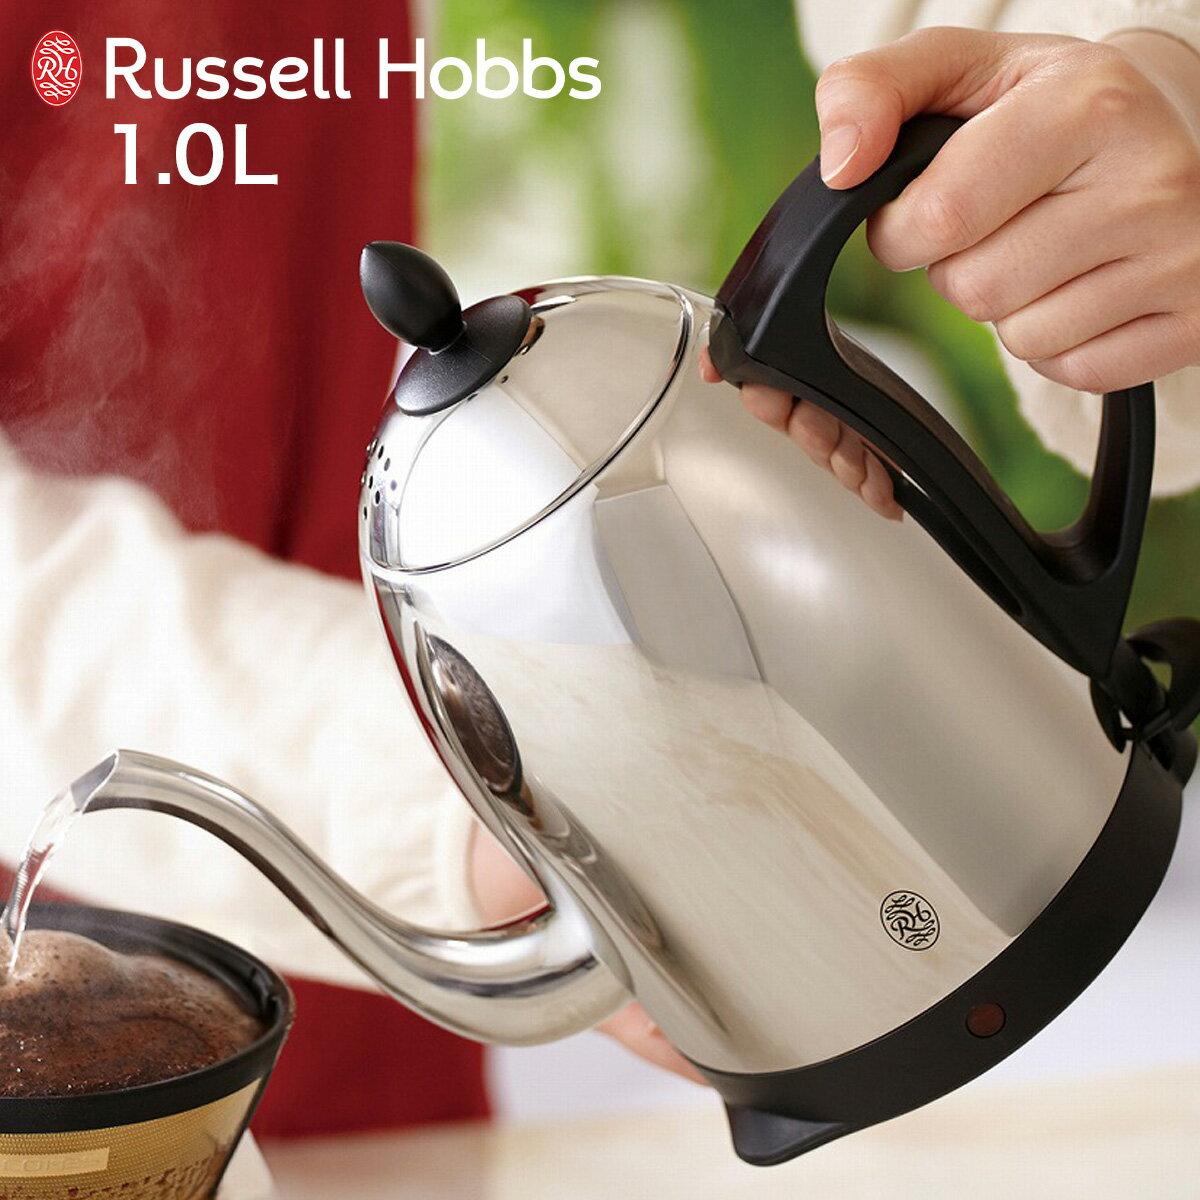 キッチン家電, 電気ケトル 2000OFF Russell Hobbs 1.0L 7410JP